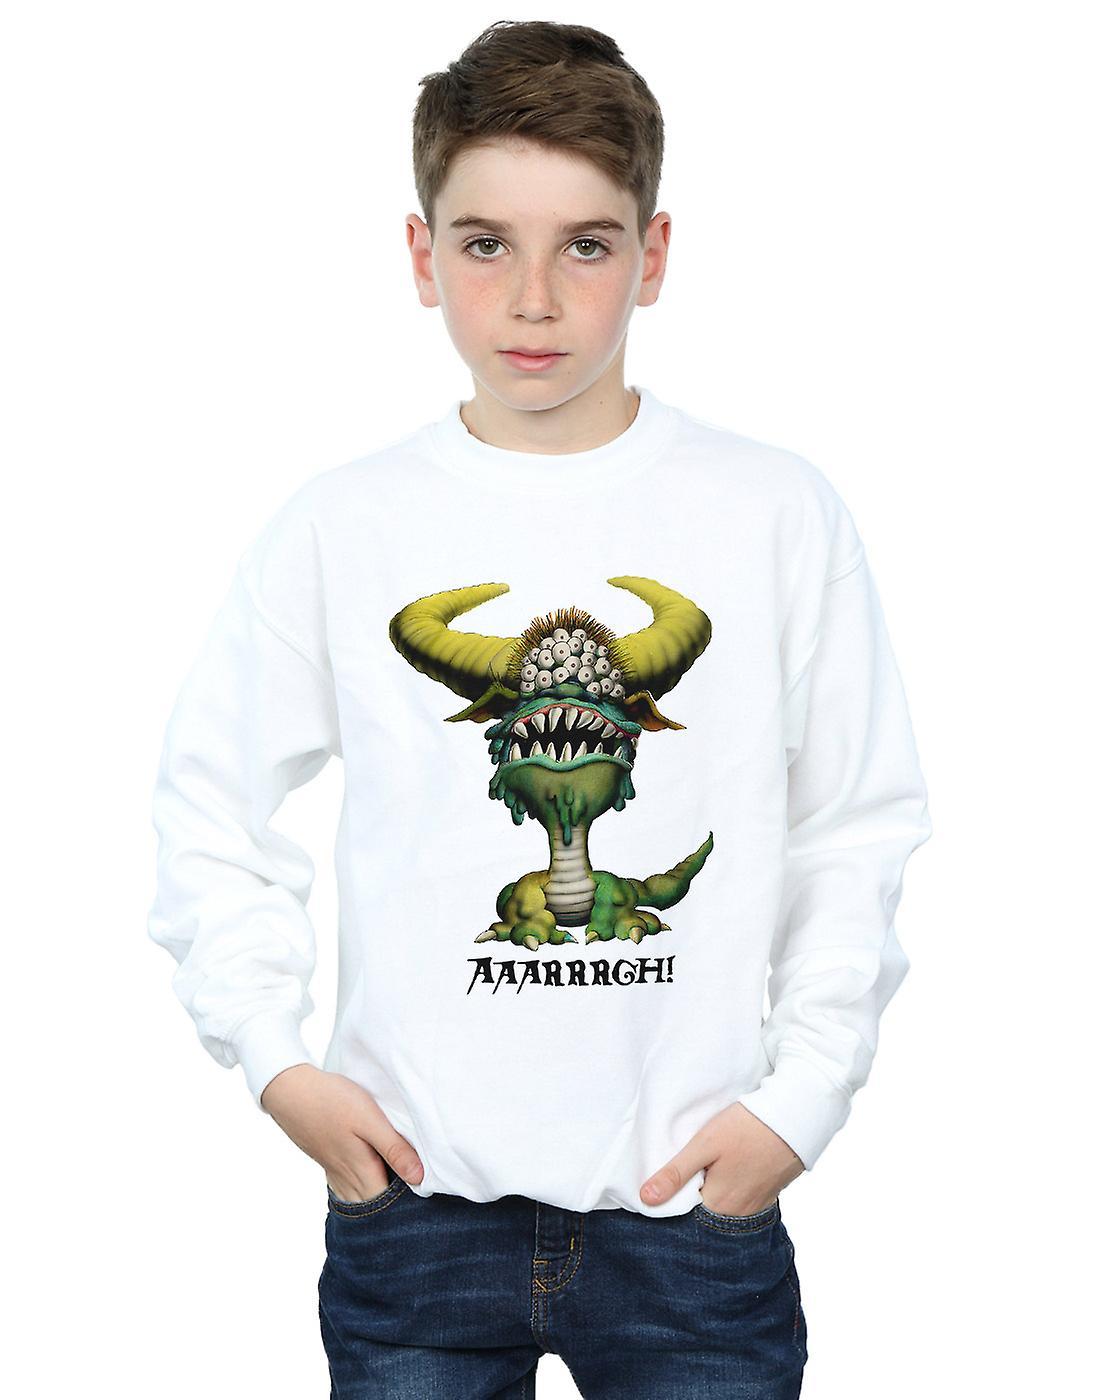 Monty Python garçons bête de AAARGH Sweatshirt